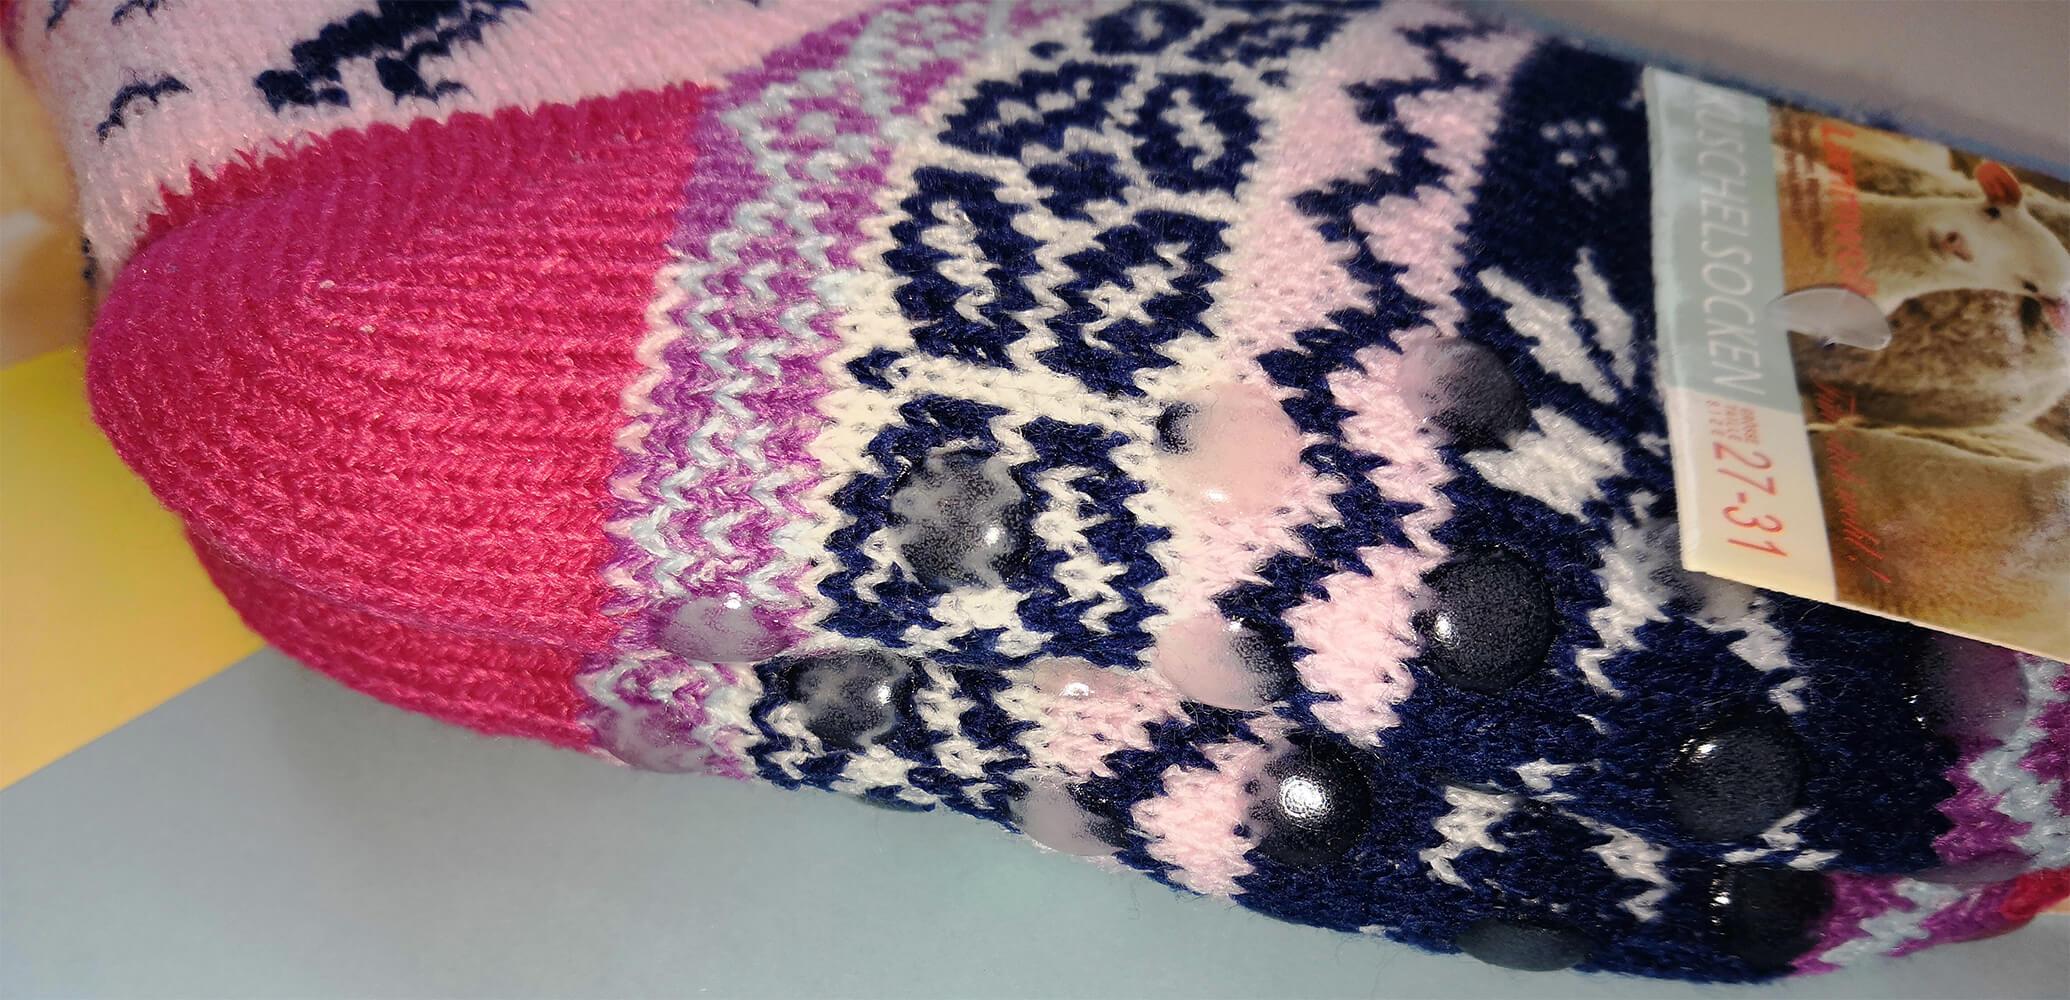 Детские носки-тапочки Emi Ross EJ-6208-p розового цвета. Фото 3